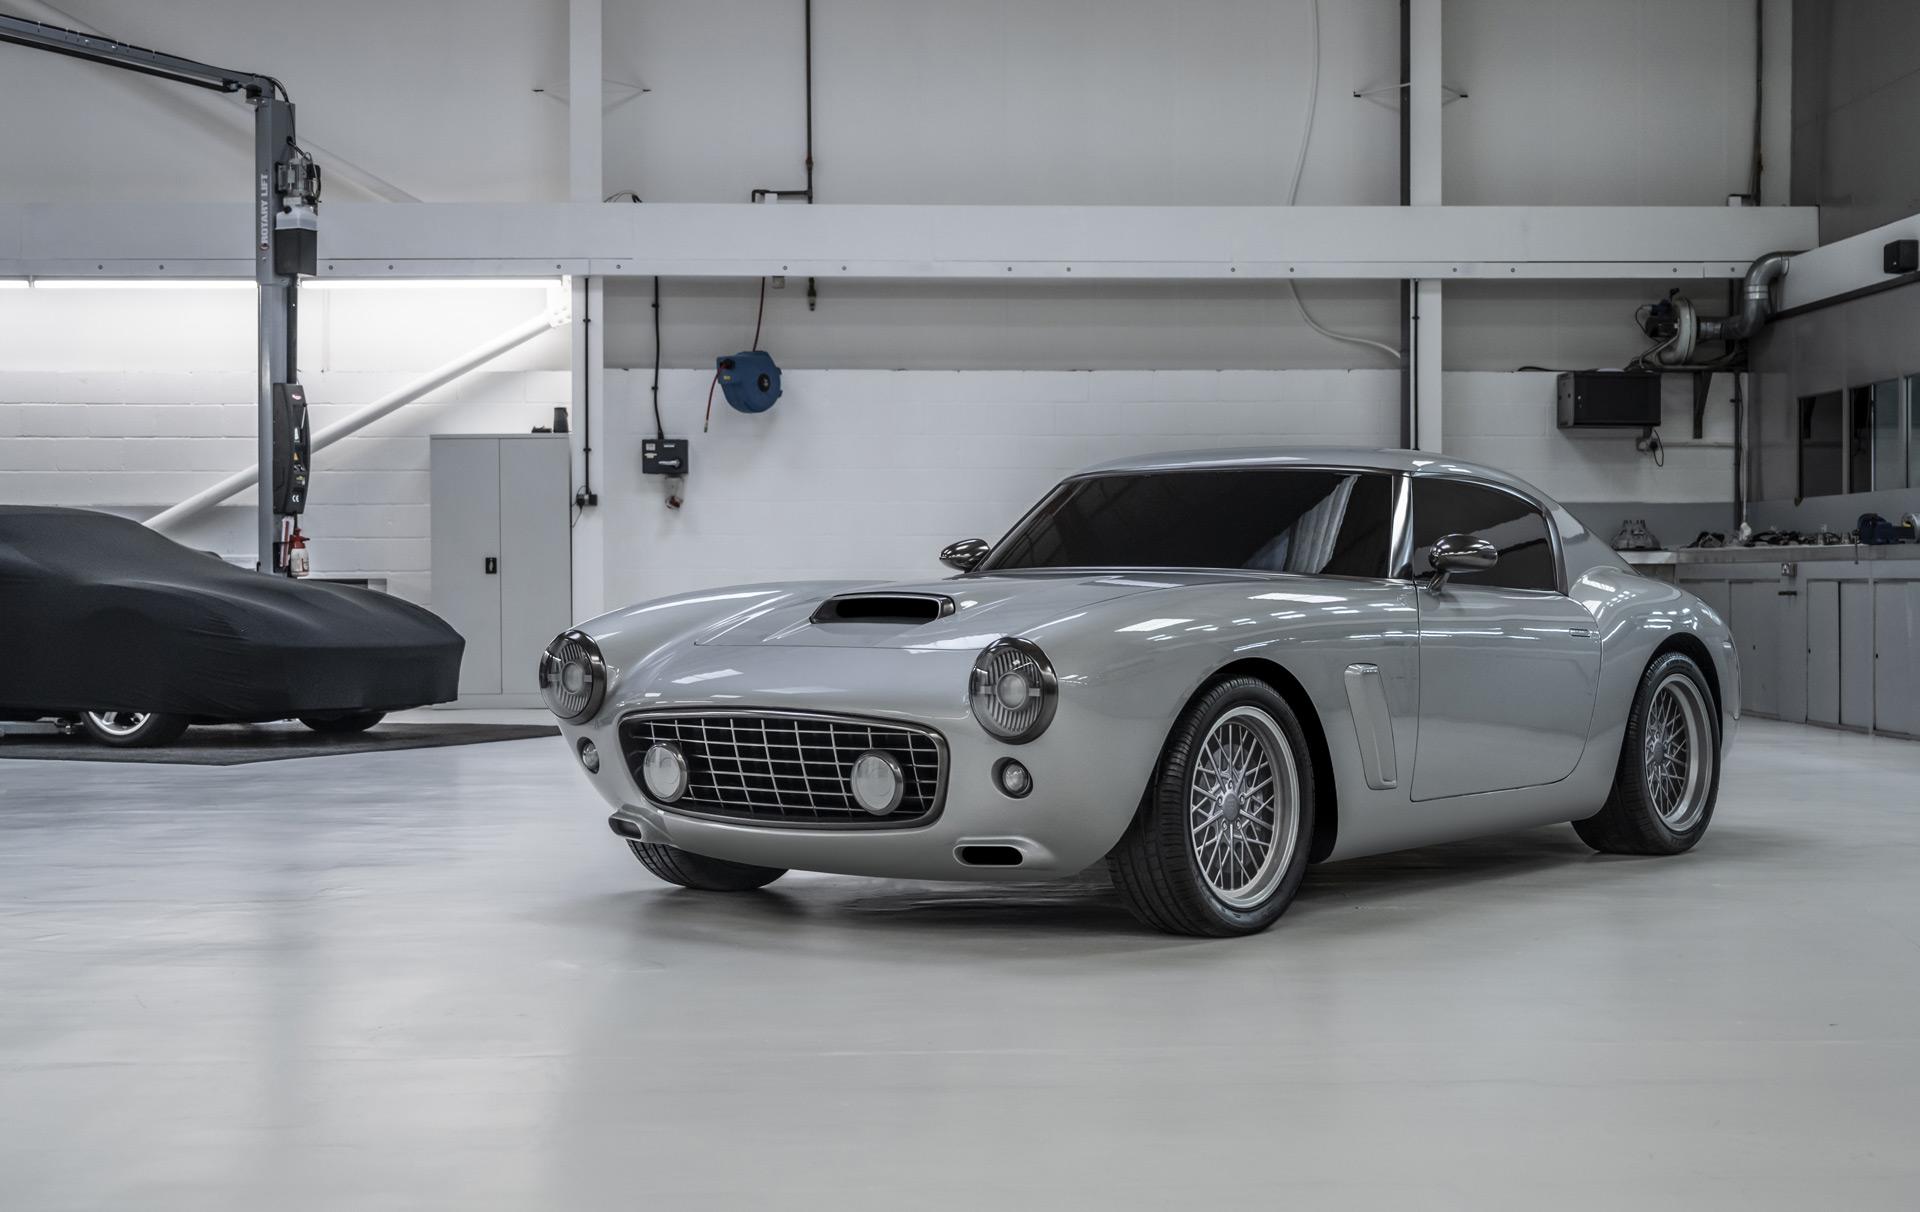 RML Short Wheelbase is like a Ferrari 250 GT with modern tech